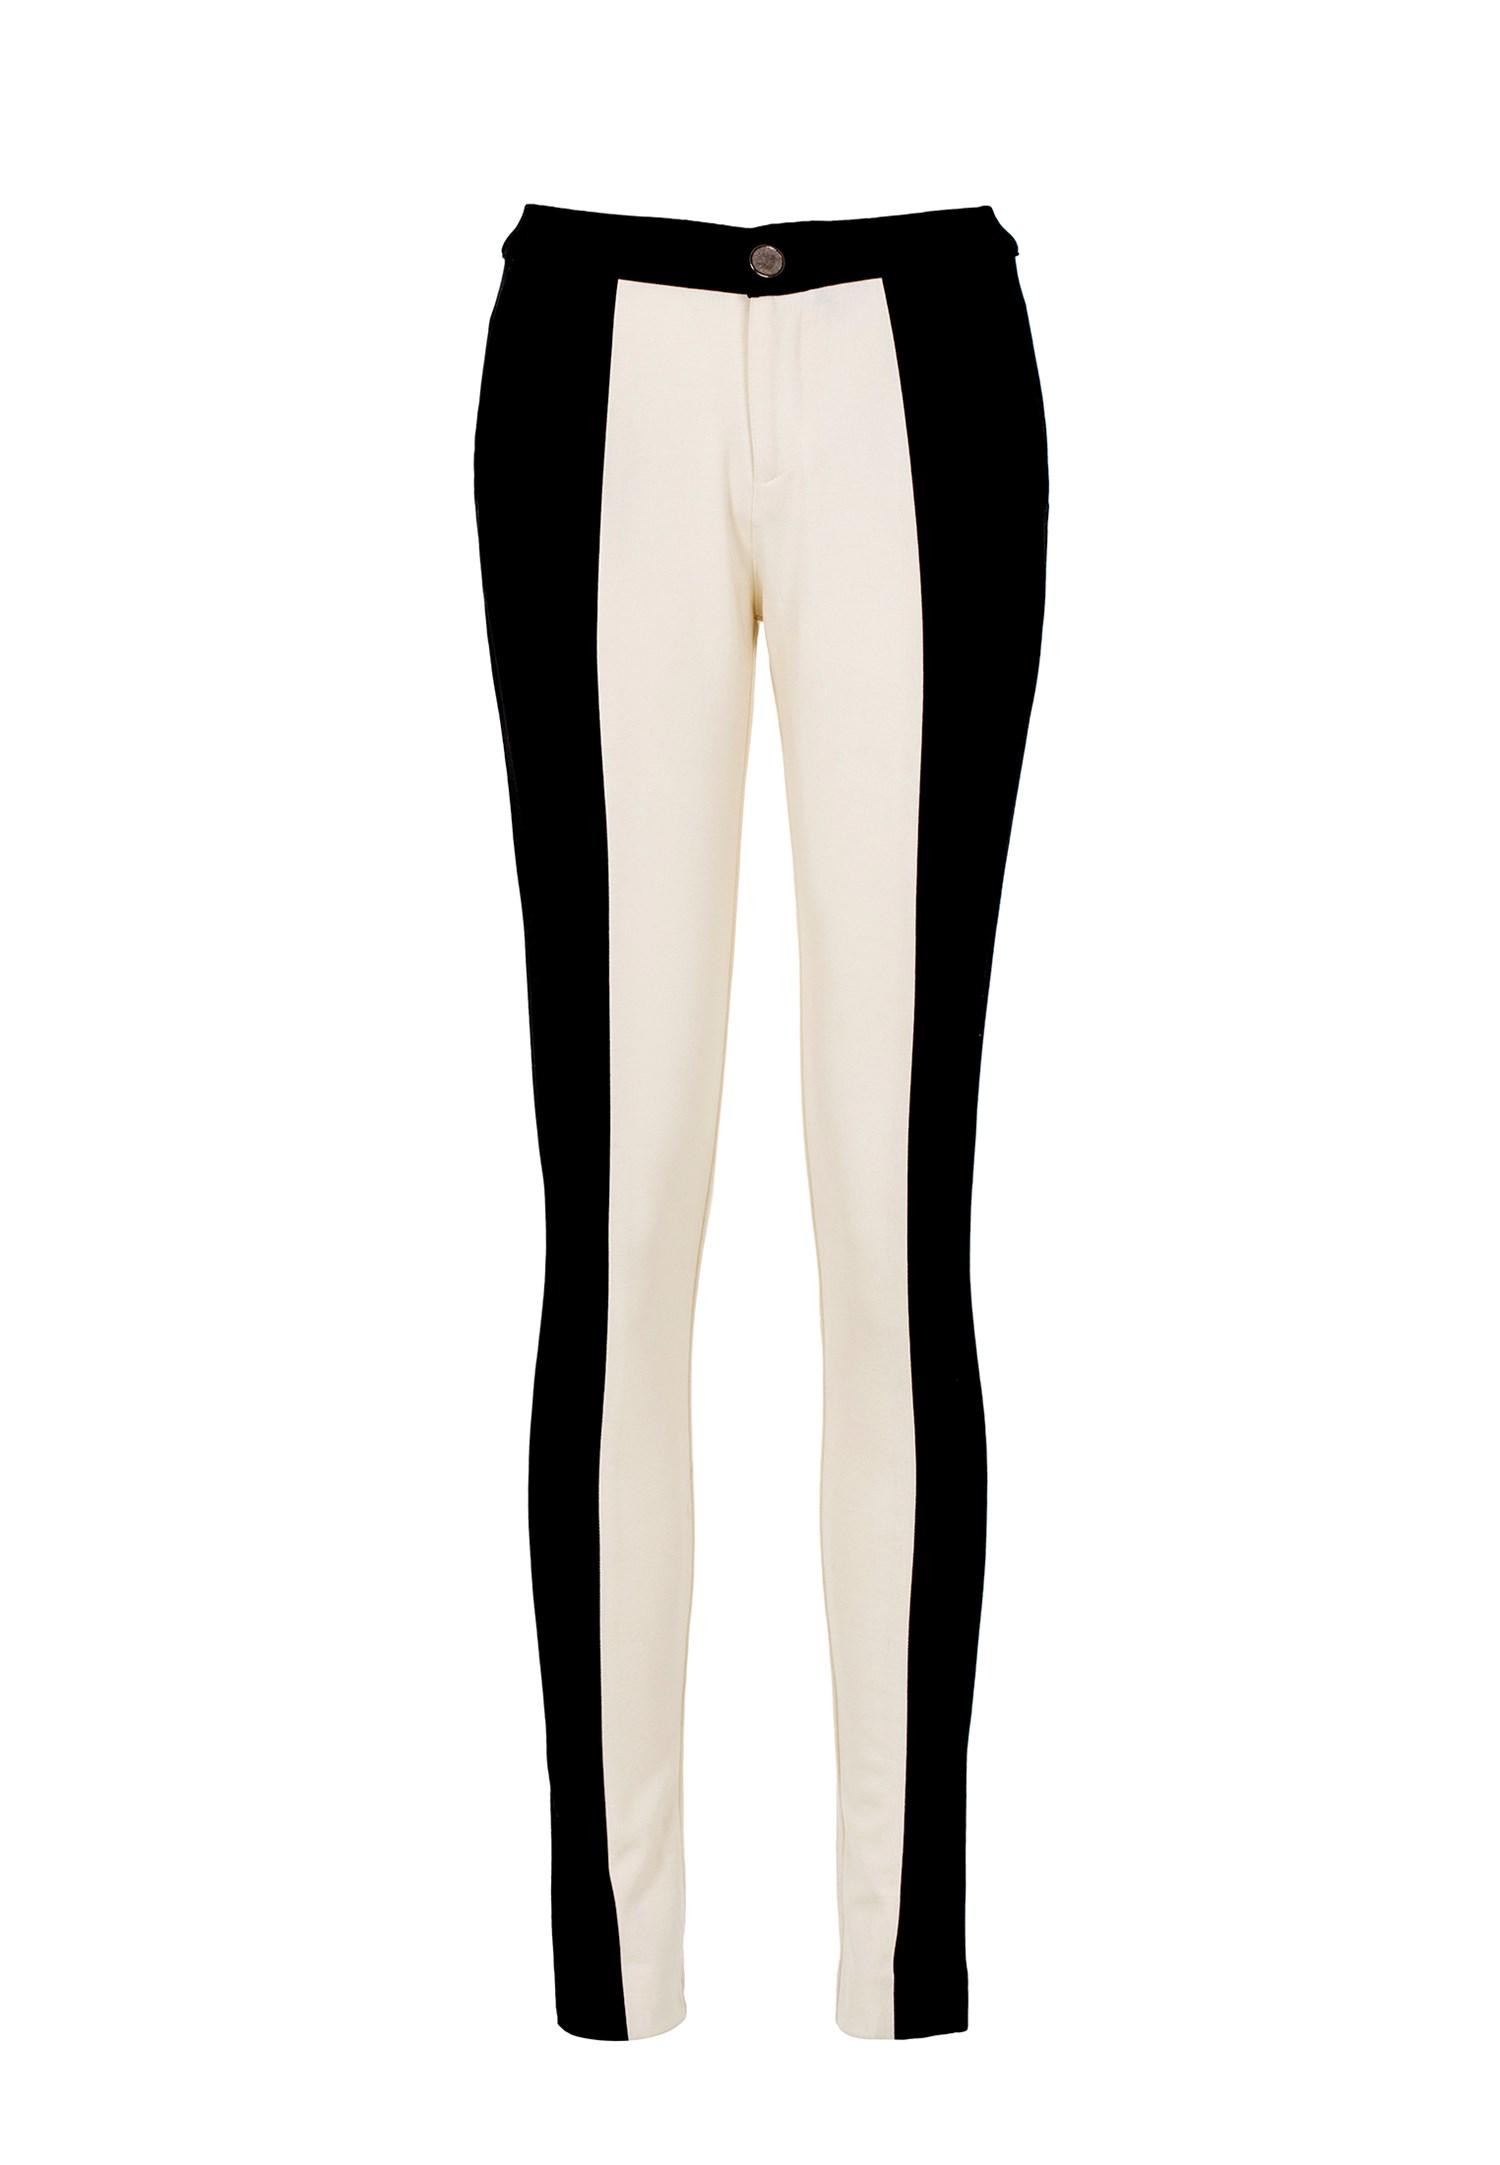 Bayan Çok Renkli Yanları Siyah Şeritli Pantolon